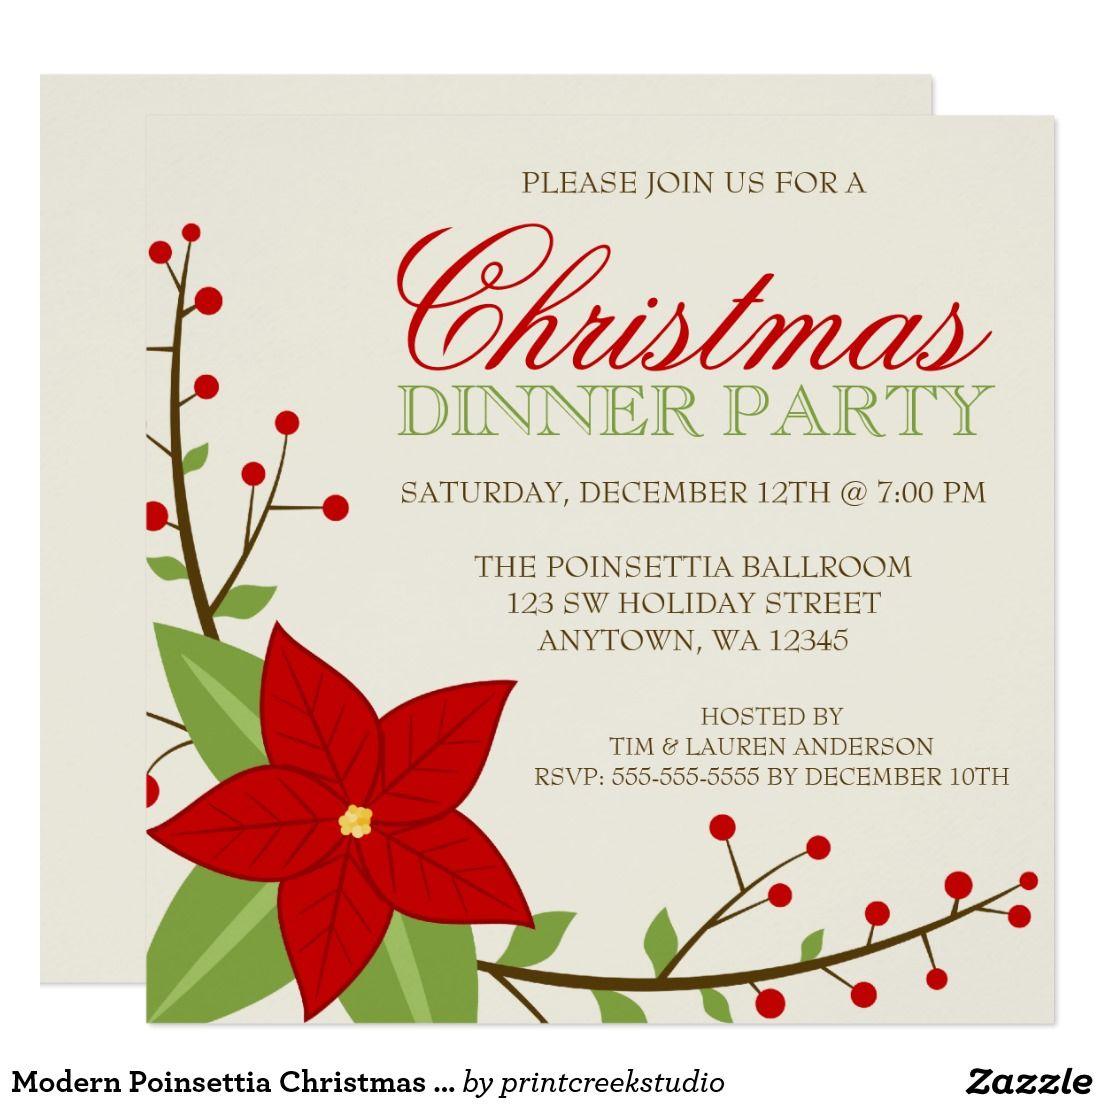 Modern Poinsettia Christmas Holiday Dinner Party Card   Christmas ...